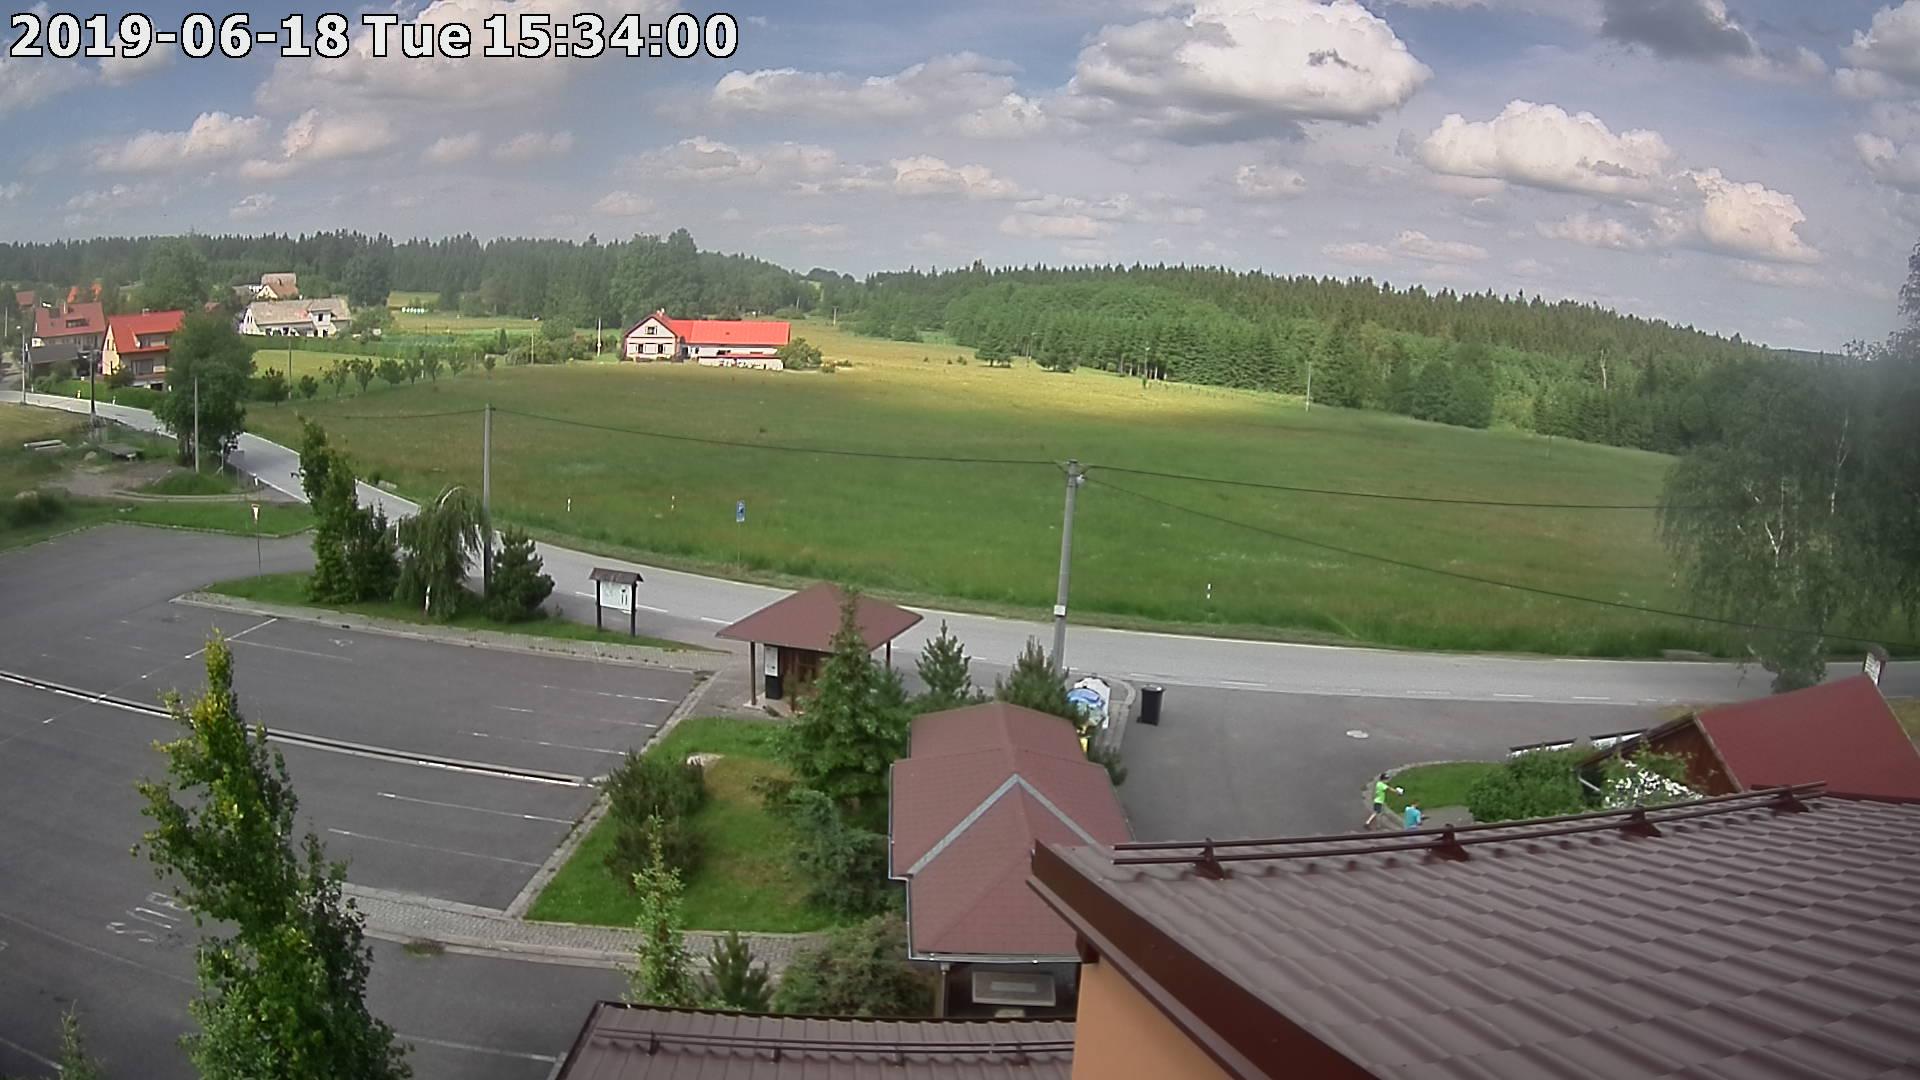 Webkamera ze dne 2019-06-18